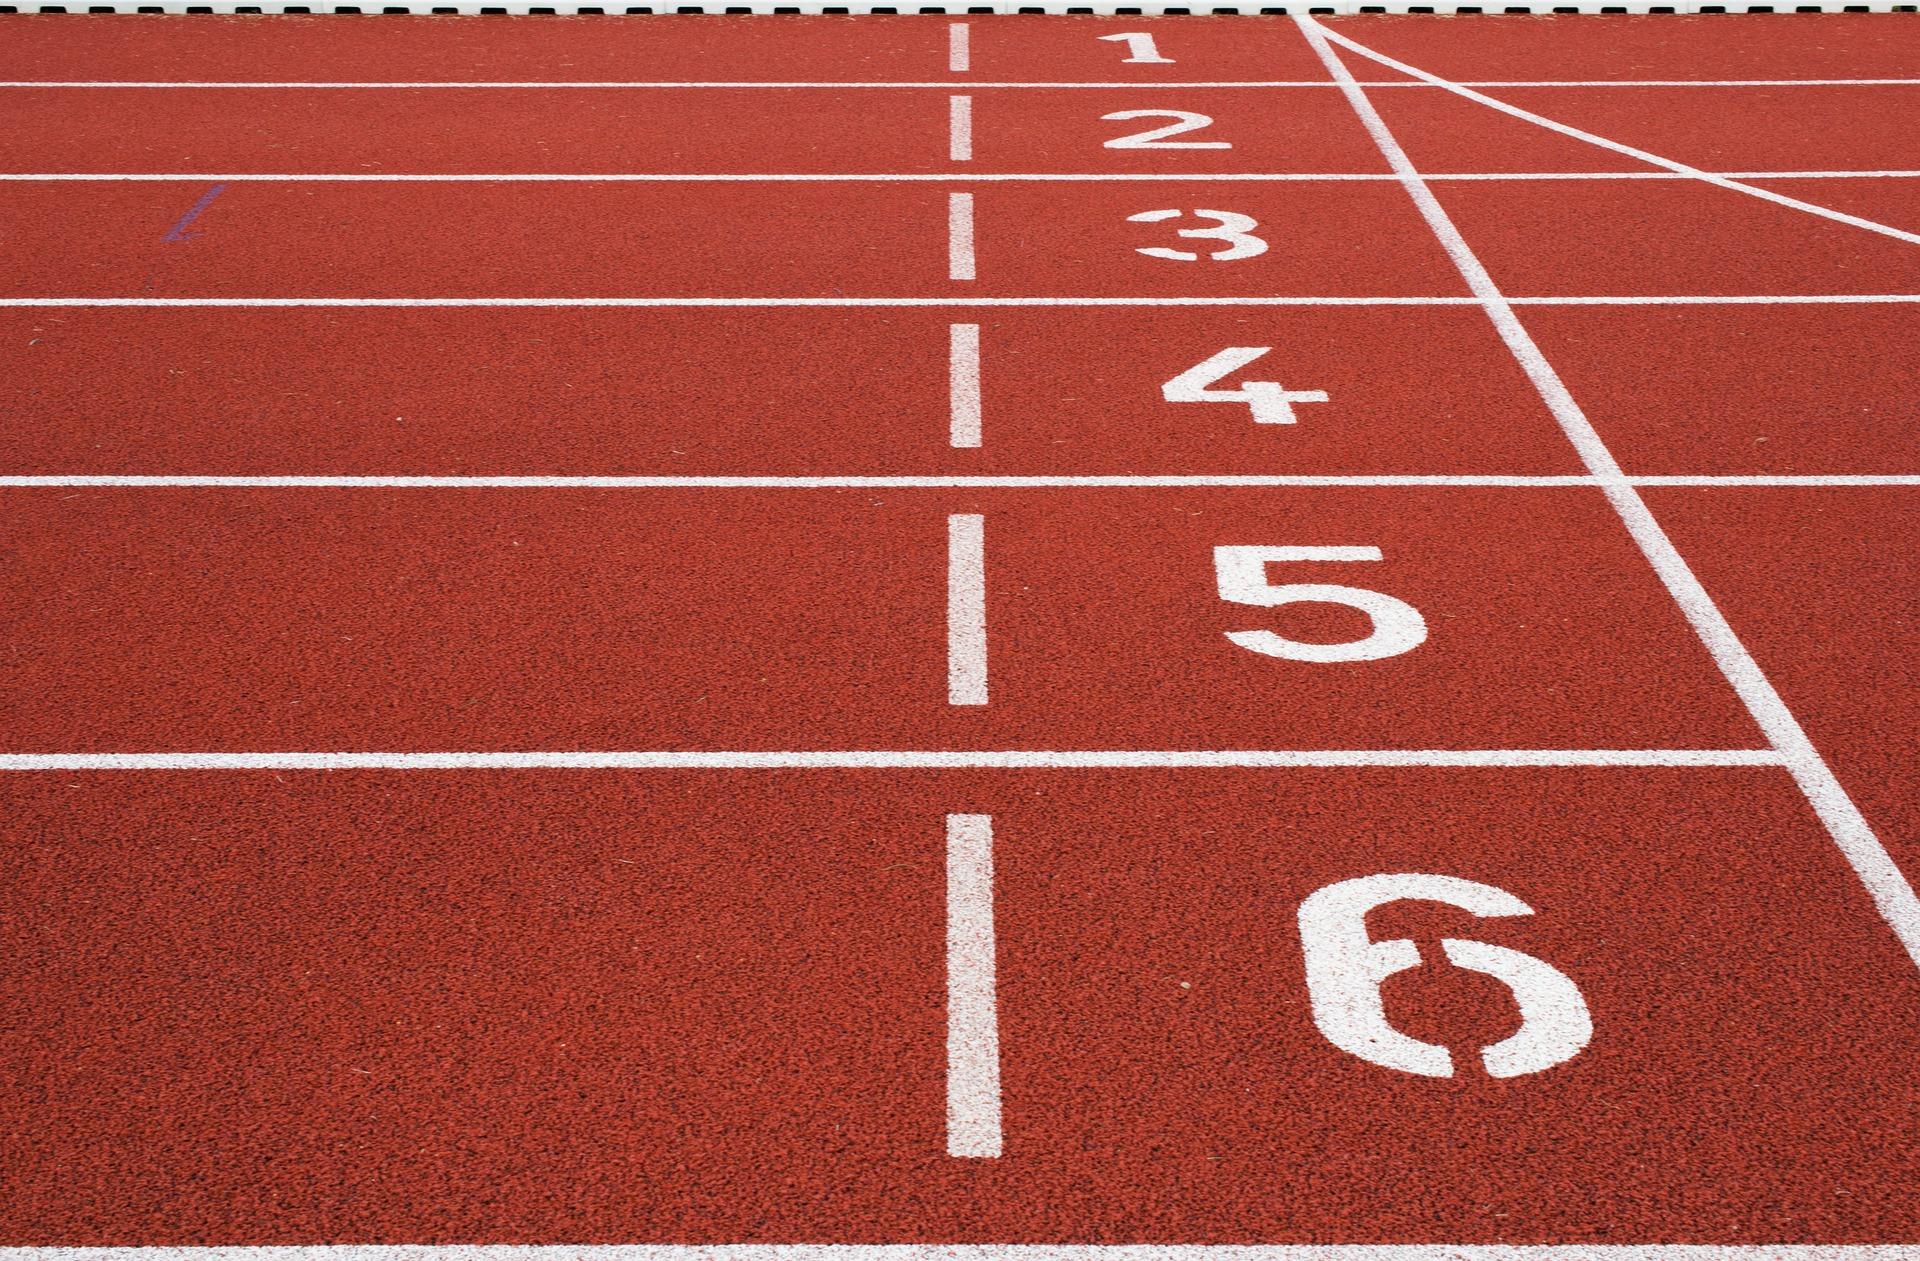 إكسبو Expo دبي يدعم رياضة الجري